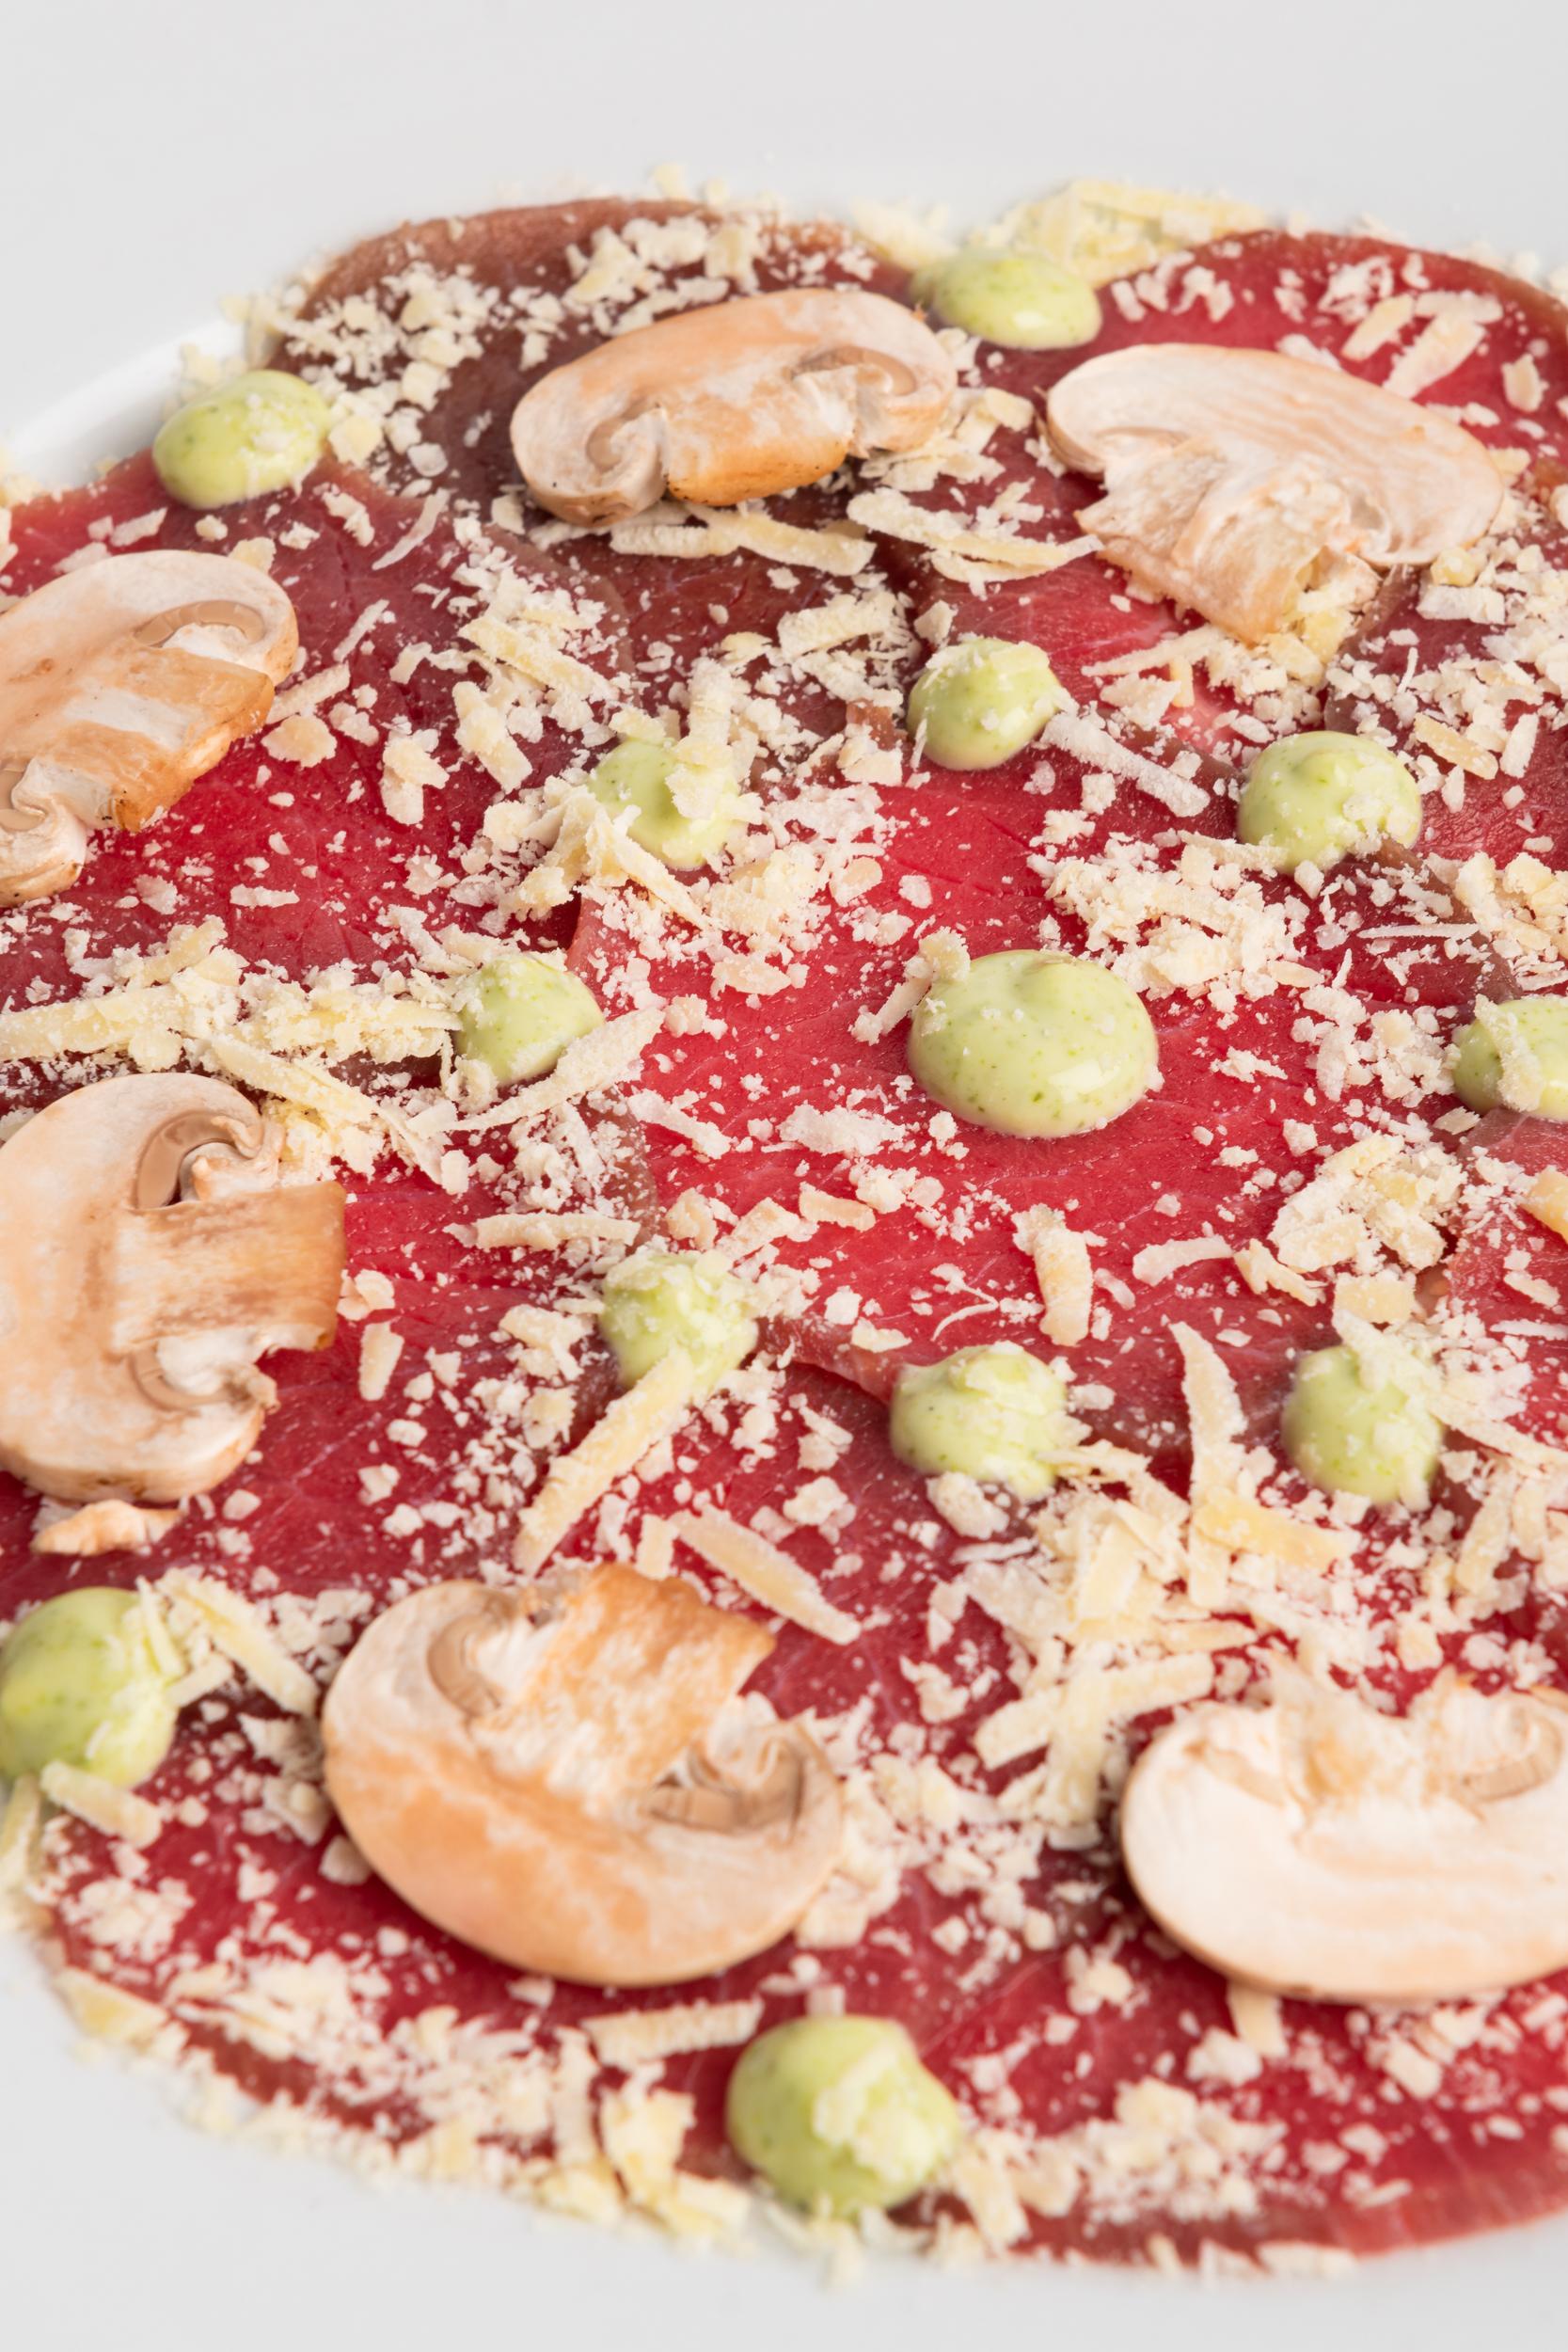 Soho American Gourmet celebra 10 años llenos de sabor, innovación y calidad